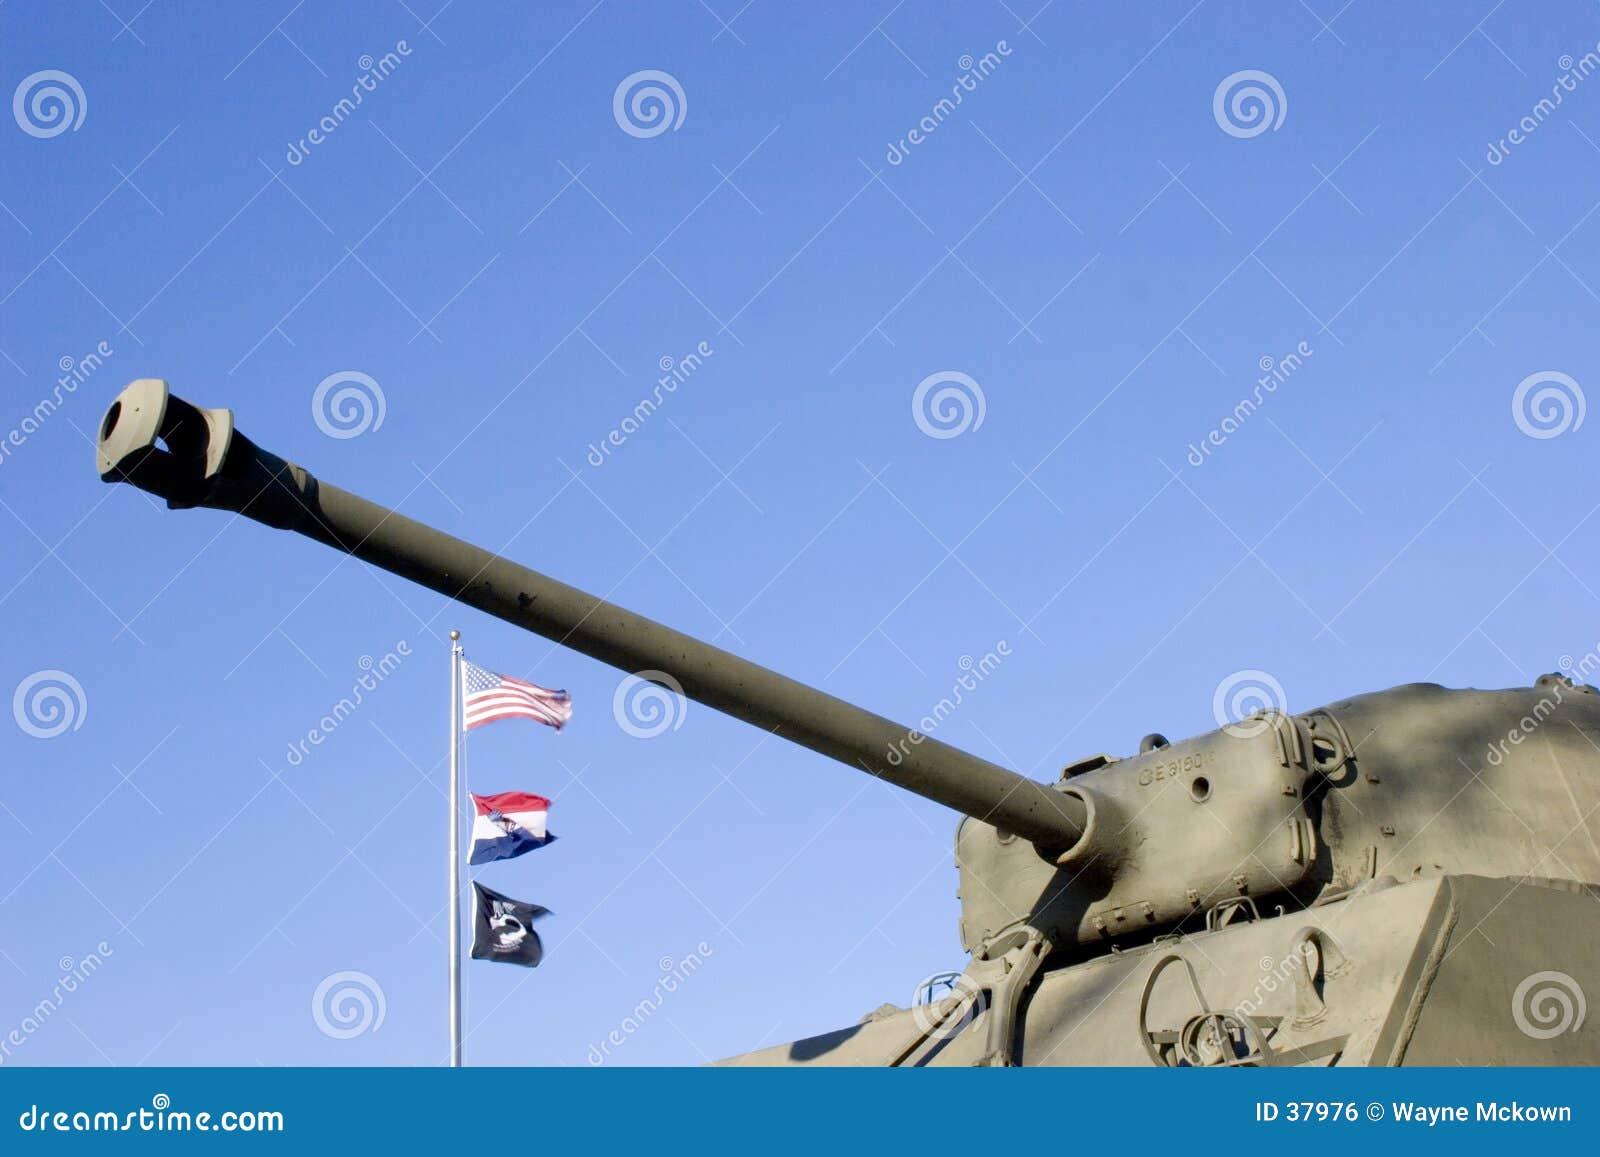 Tank, armia